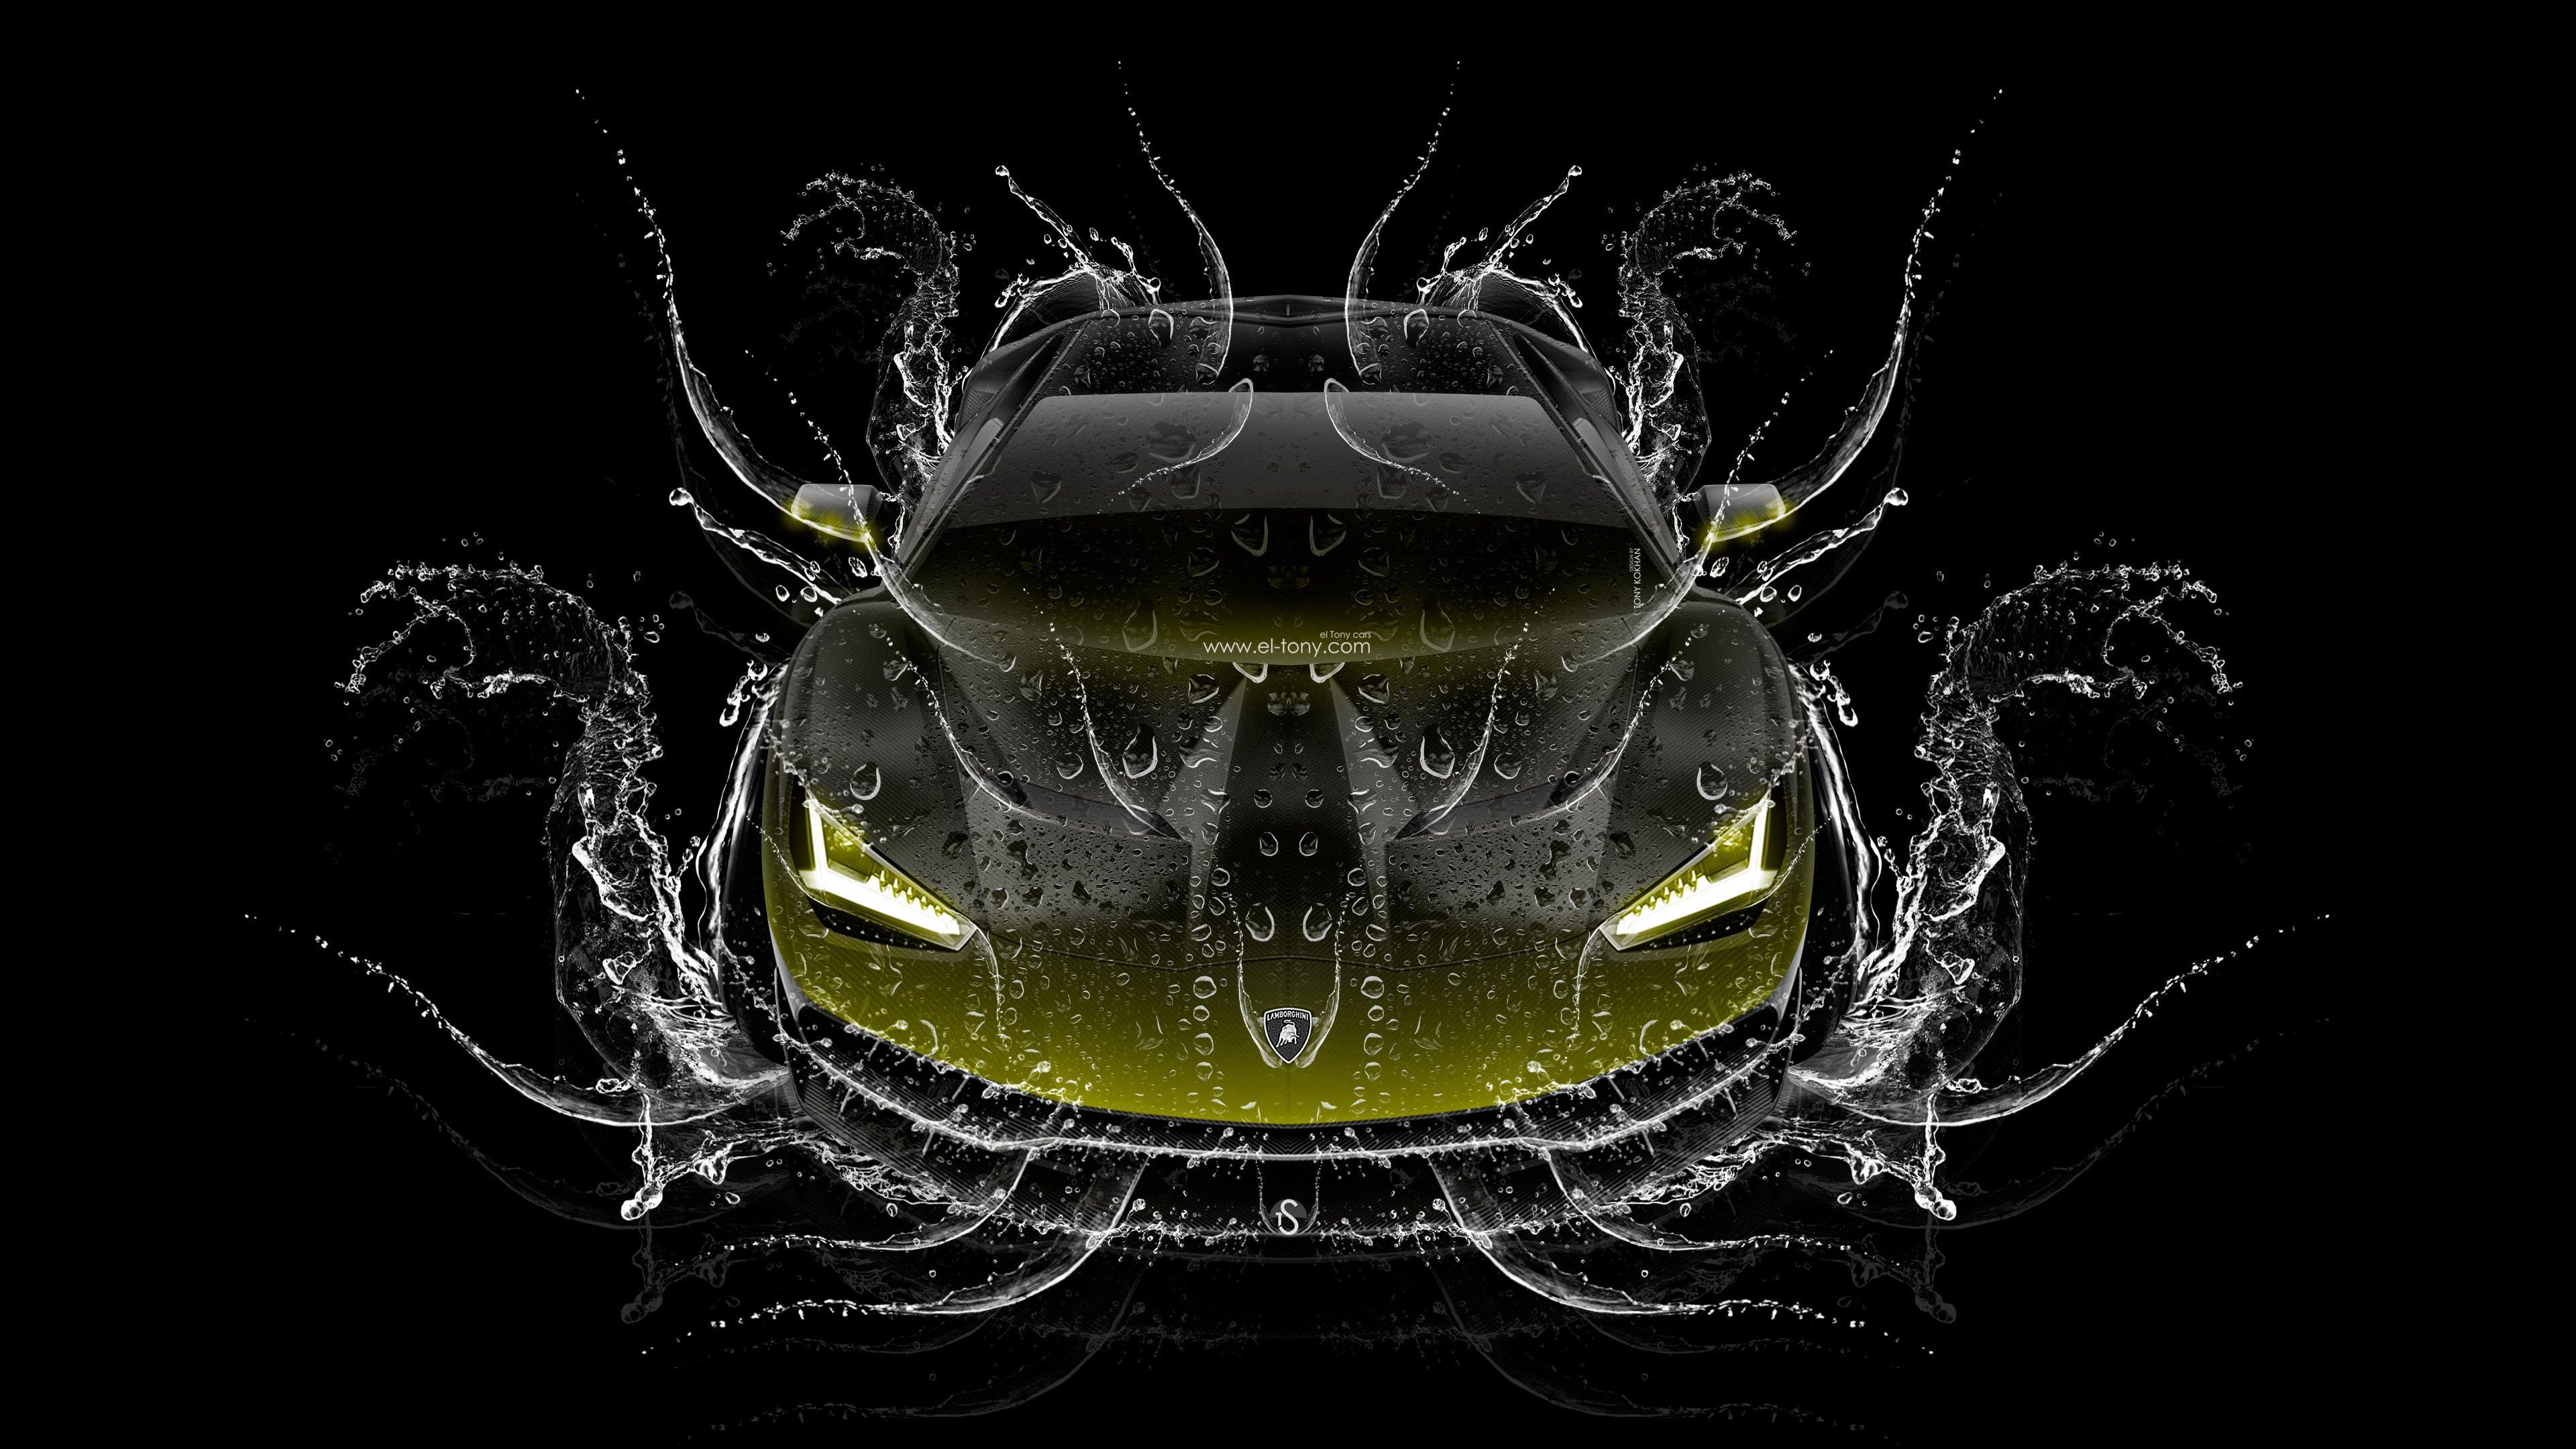 3840x2160 Lamborghini Centenario FrontUp Super Water Car 2016 Hình nền 4K el Tony.  el Tony